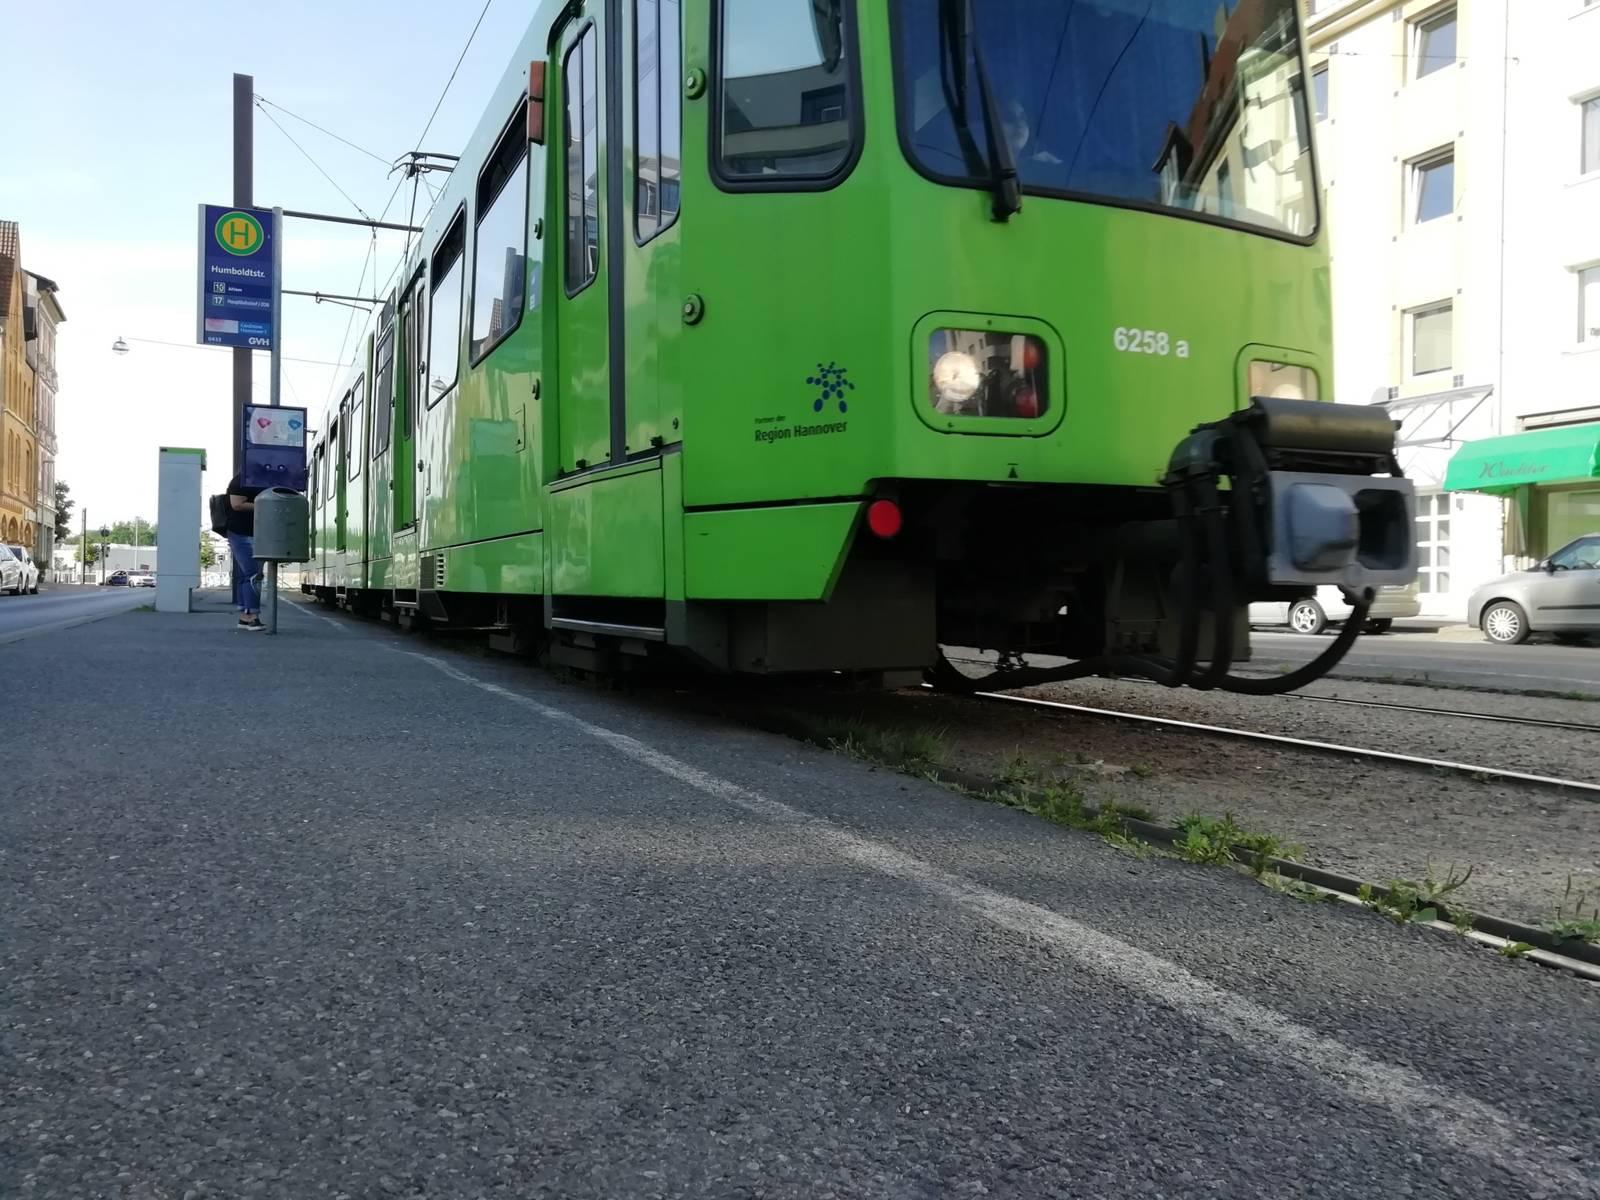 Eine Straßenbahn, die in eine ebenerdige Haltestelle an der Humboldtstraße einfährt. Dahinter ist die Humboldtstraße und ein dreistöckiges Gebäude zu sehen.